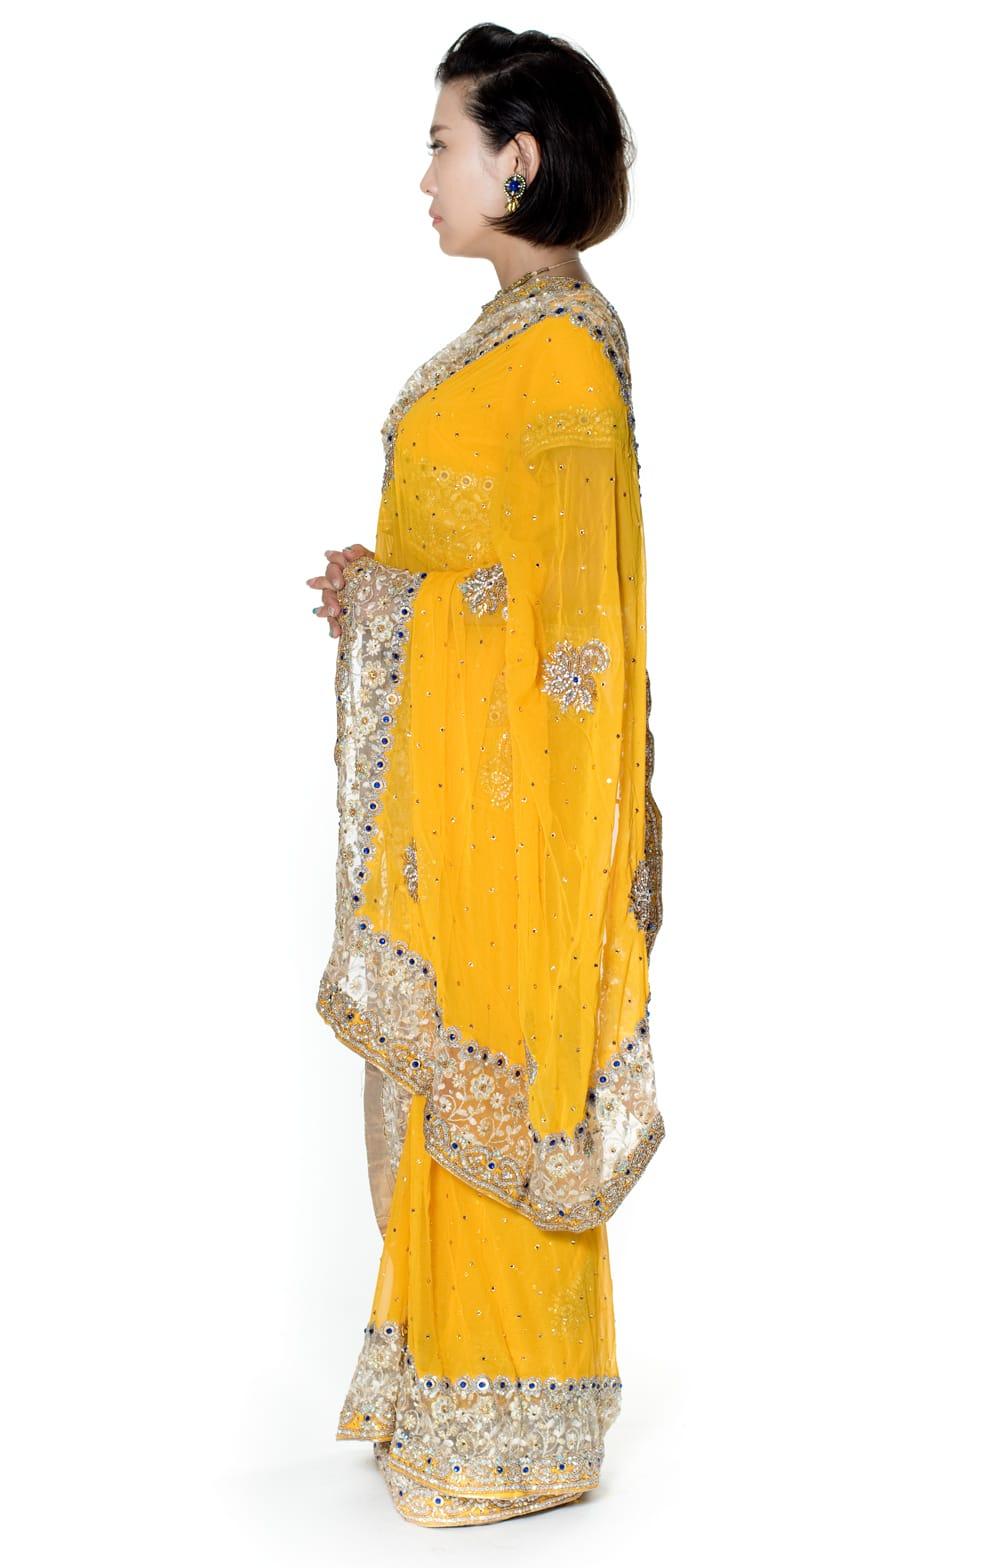 【一点物】刺繍とビジューの婚礼用ゴージャス ジョーゼットサリー【チョリ付き】 - イエロー 2 - 横からの写真です